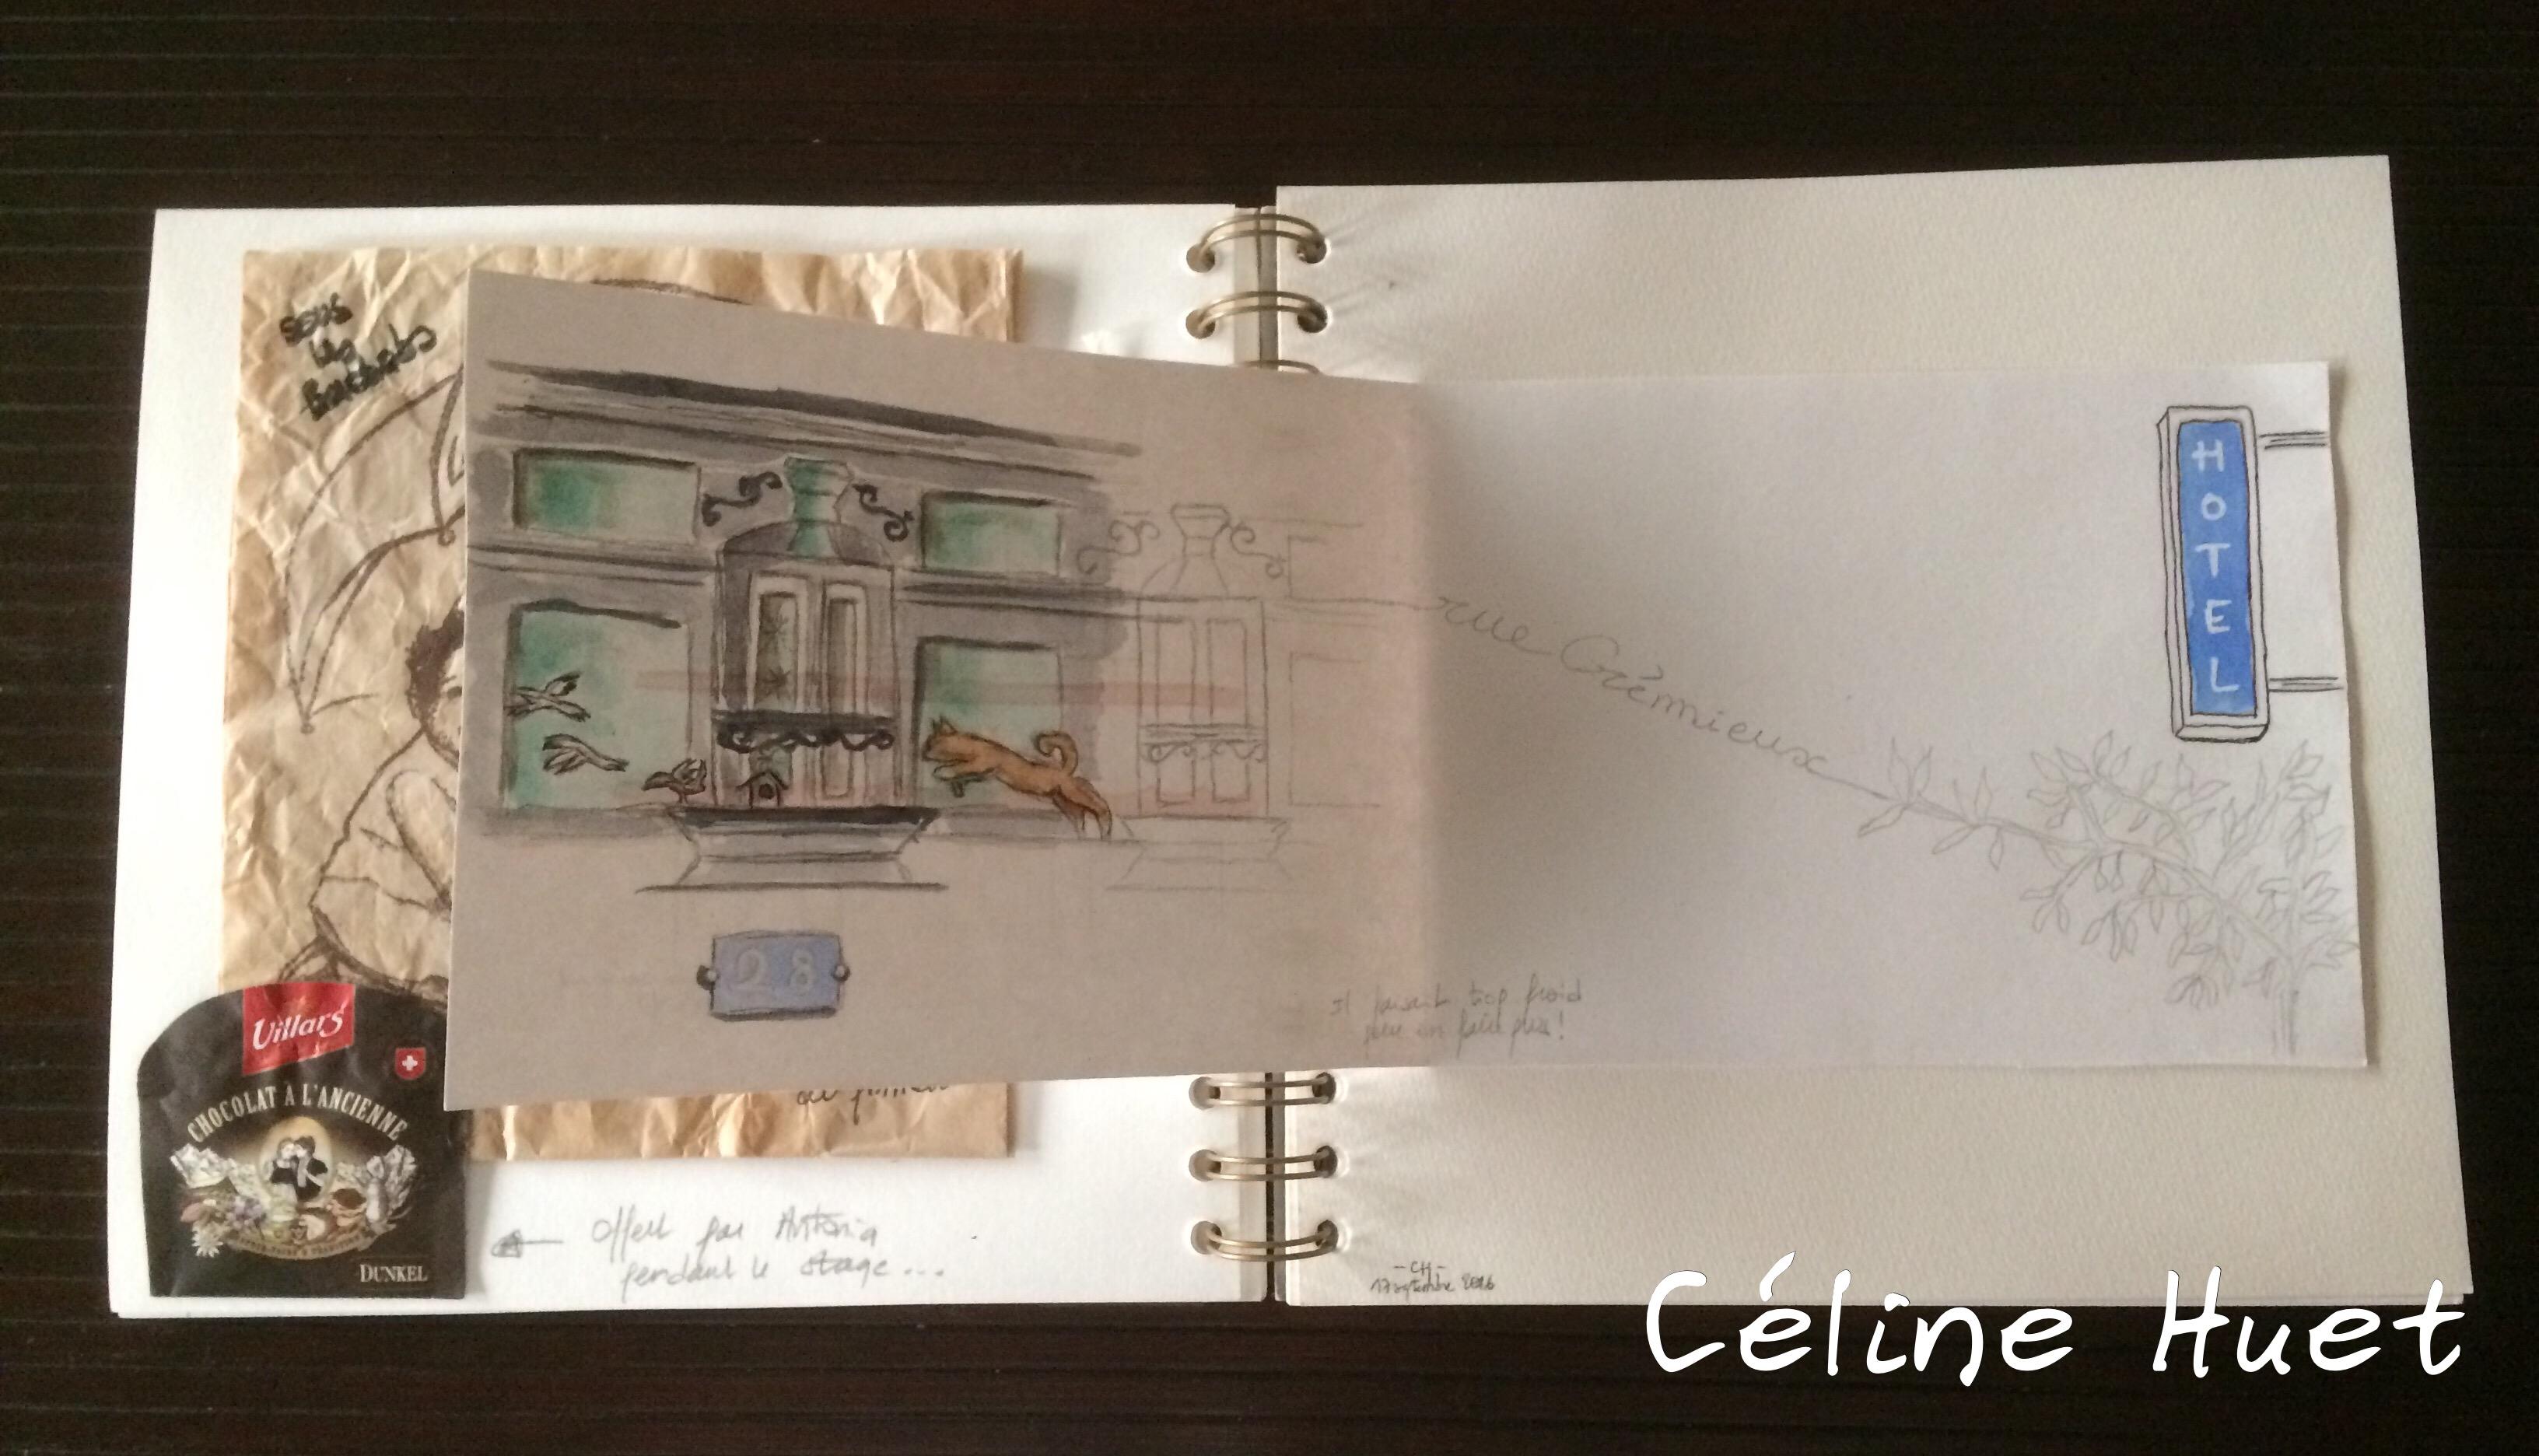 Carnet de voyage Paris haut en couleurs Céline Huet